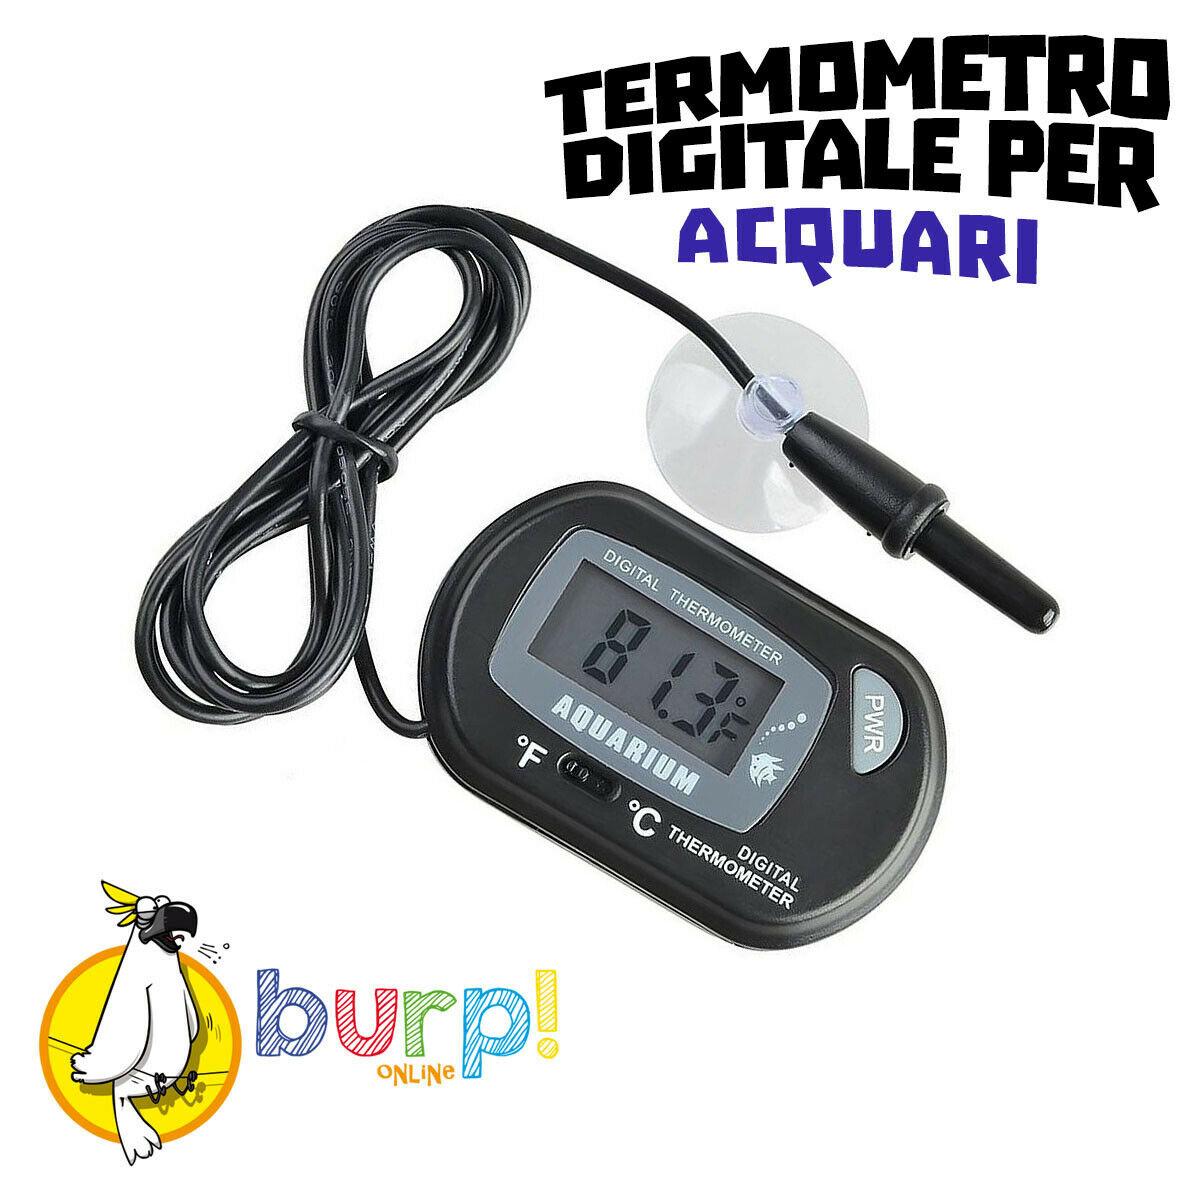 Termometro per acquario digitale con sonda schermo lcd for Termometro per acquario tartarughe